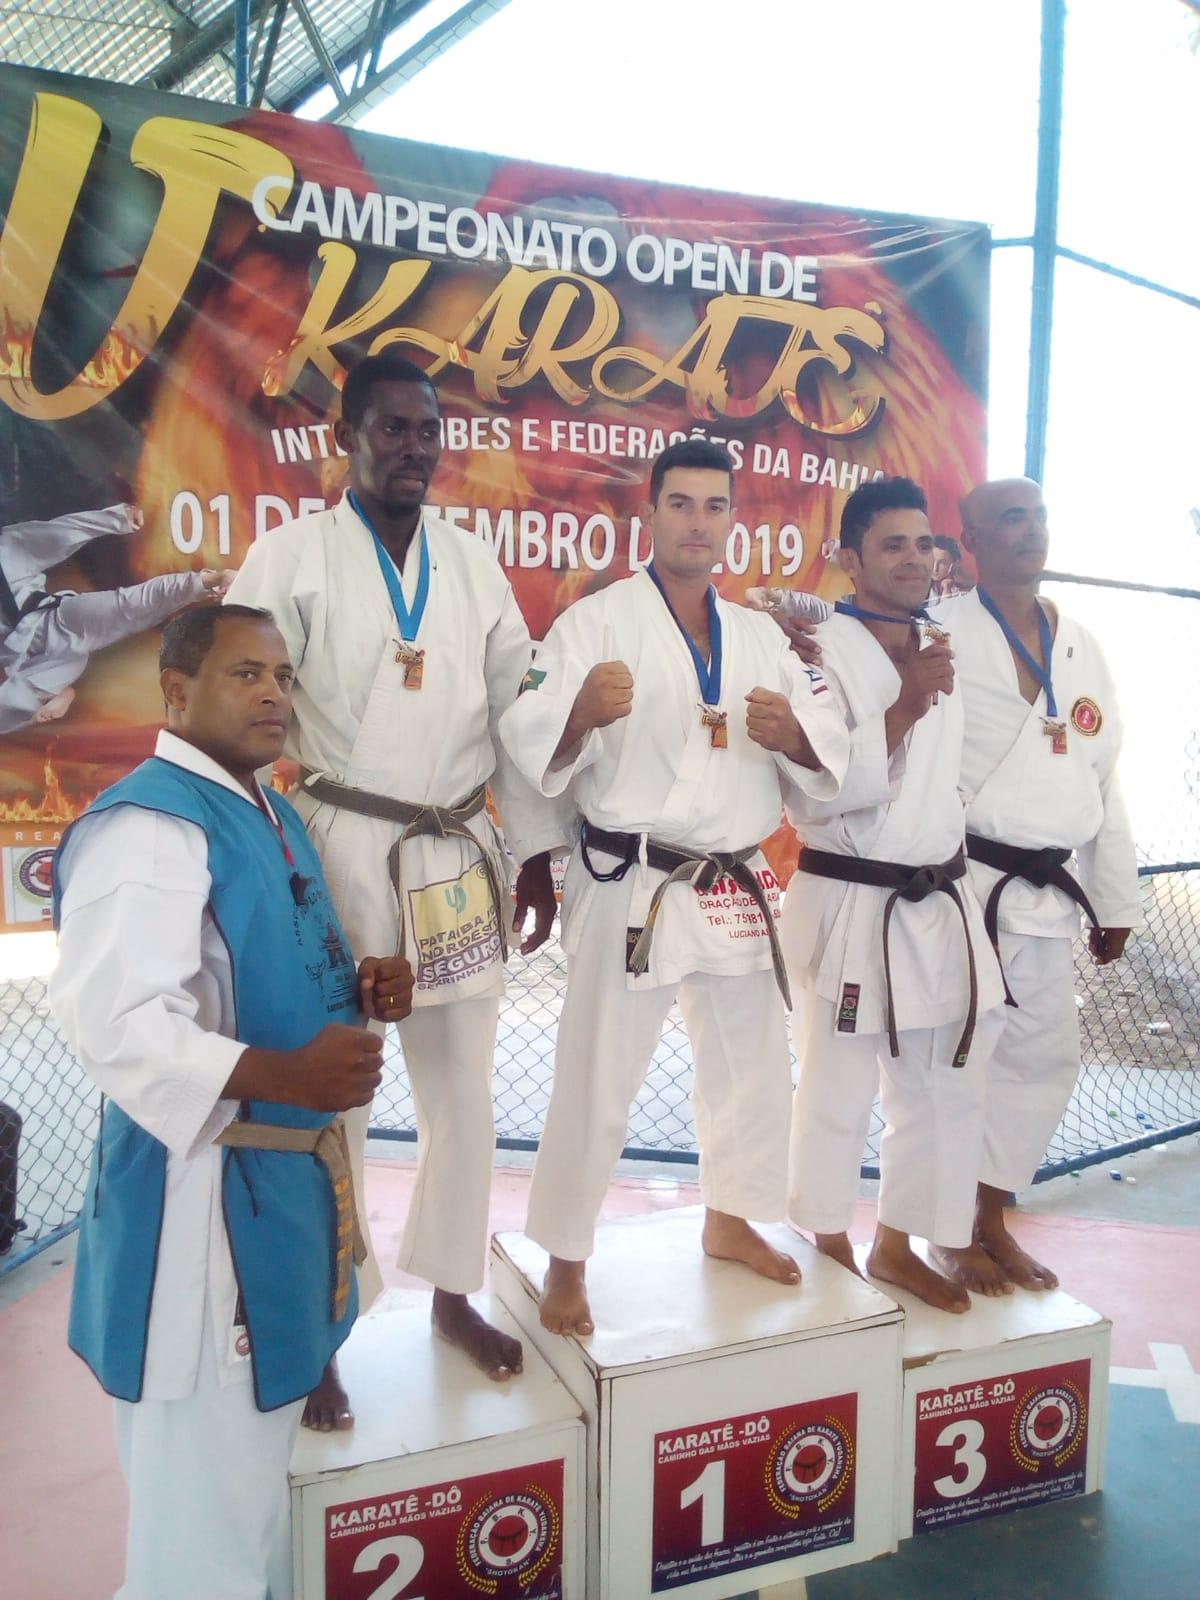 Campeonato Open de Karatê, atleta de Luciano de Coração de Maria garante 1º lugar